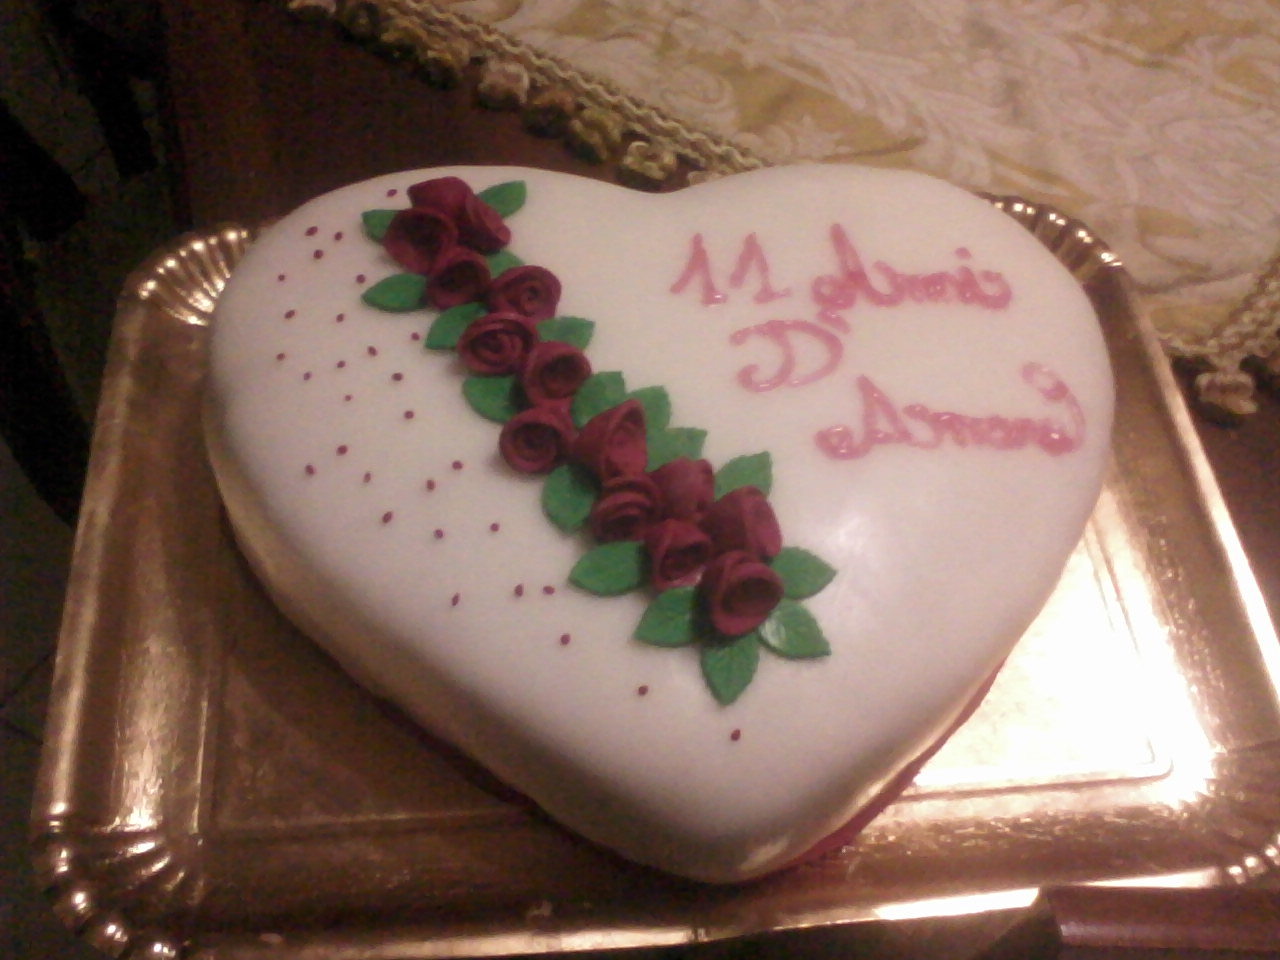 I dolci di anna torta per anniversario di matrimonio for Anniversario di matrimonio